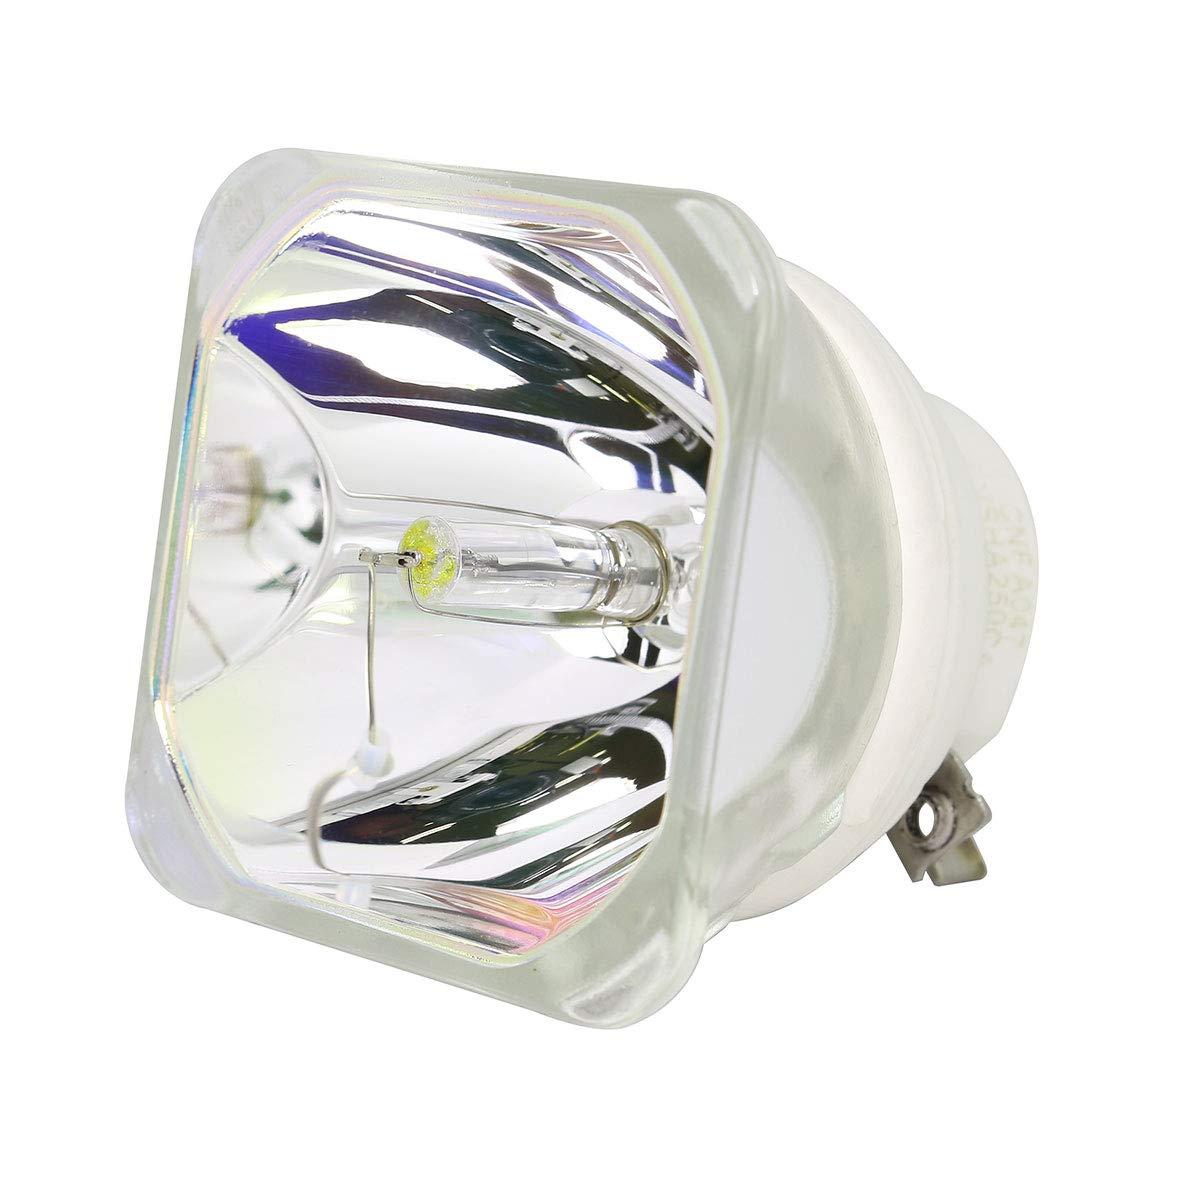 Lutema プラチナ電球 Canon REALiS WX450ST Dプロジェクター用 (ランプのみ)   B07NC5XJMQ